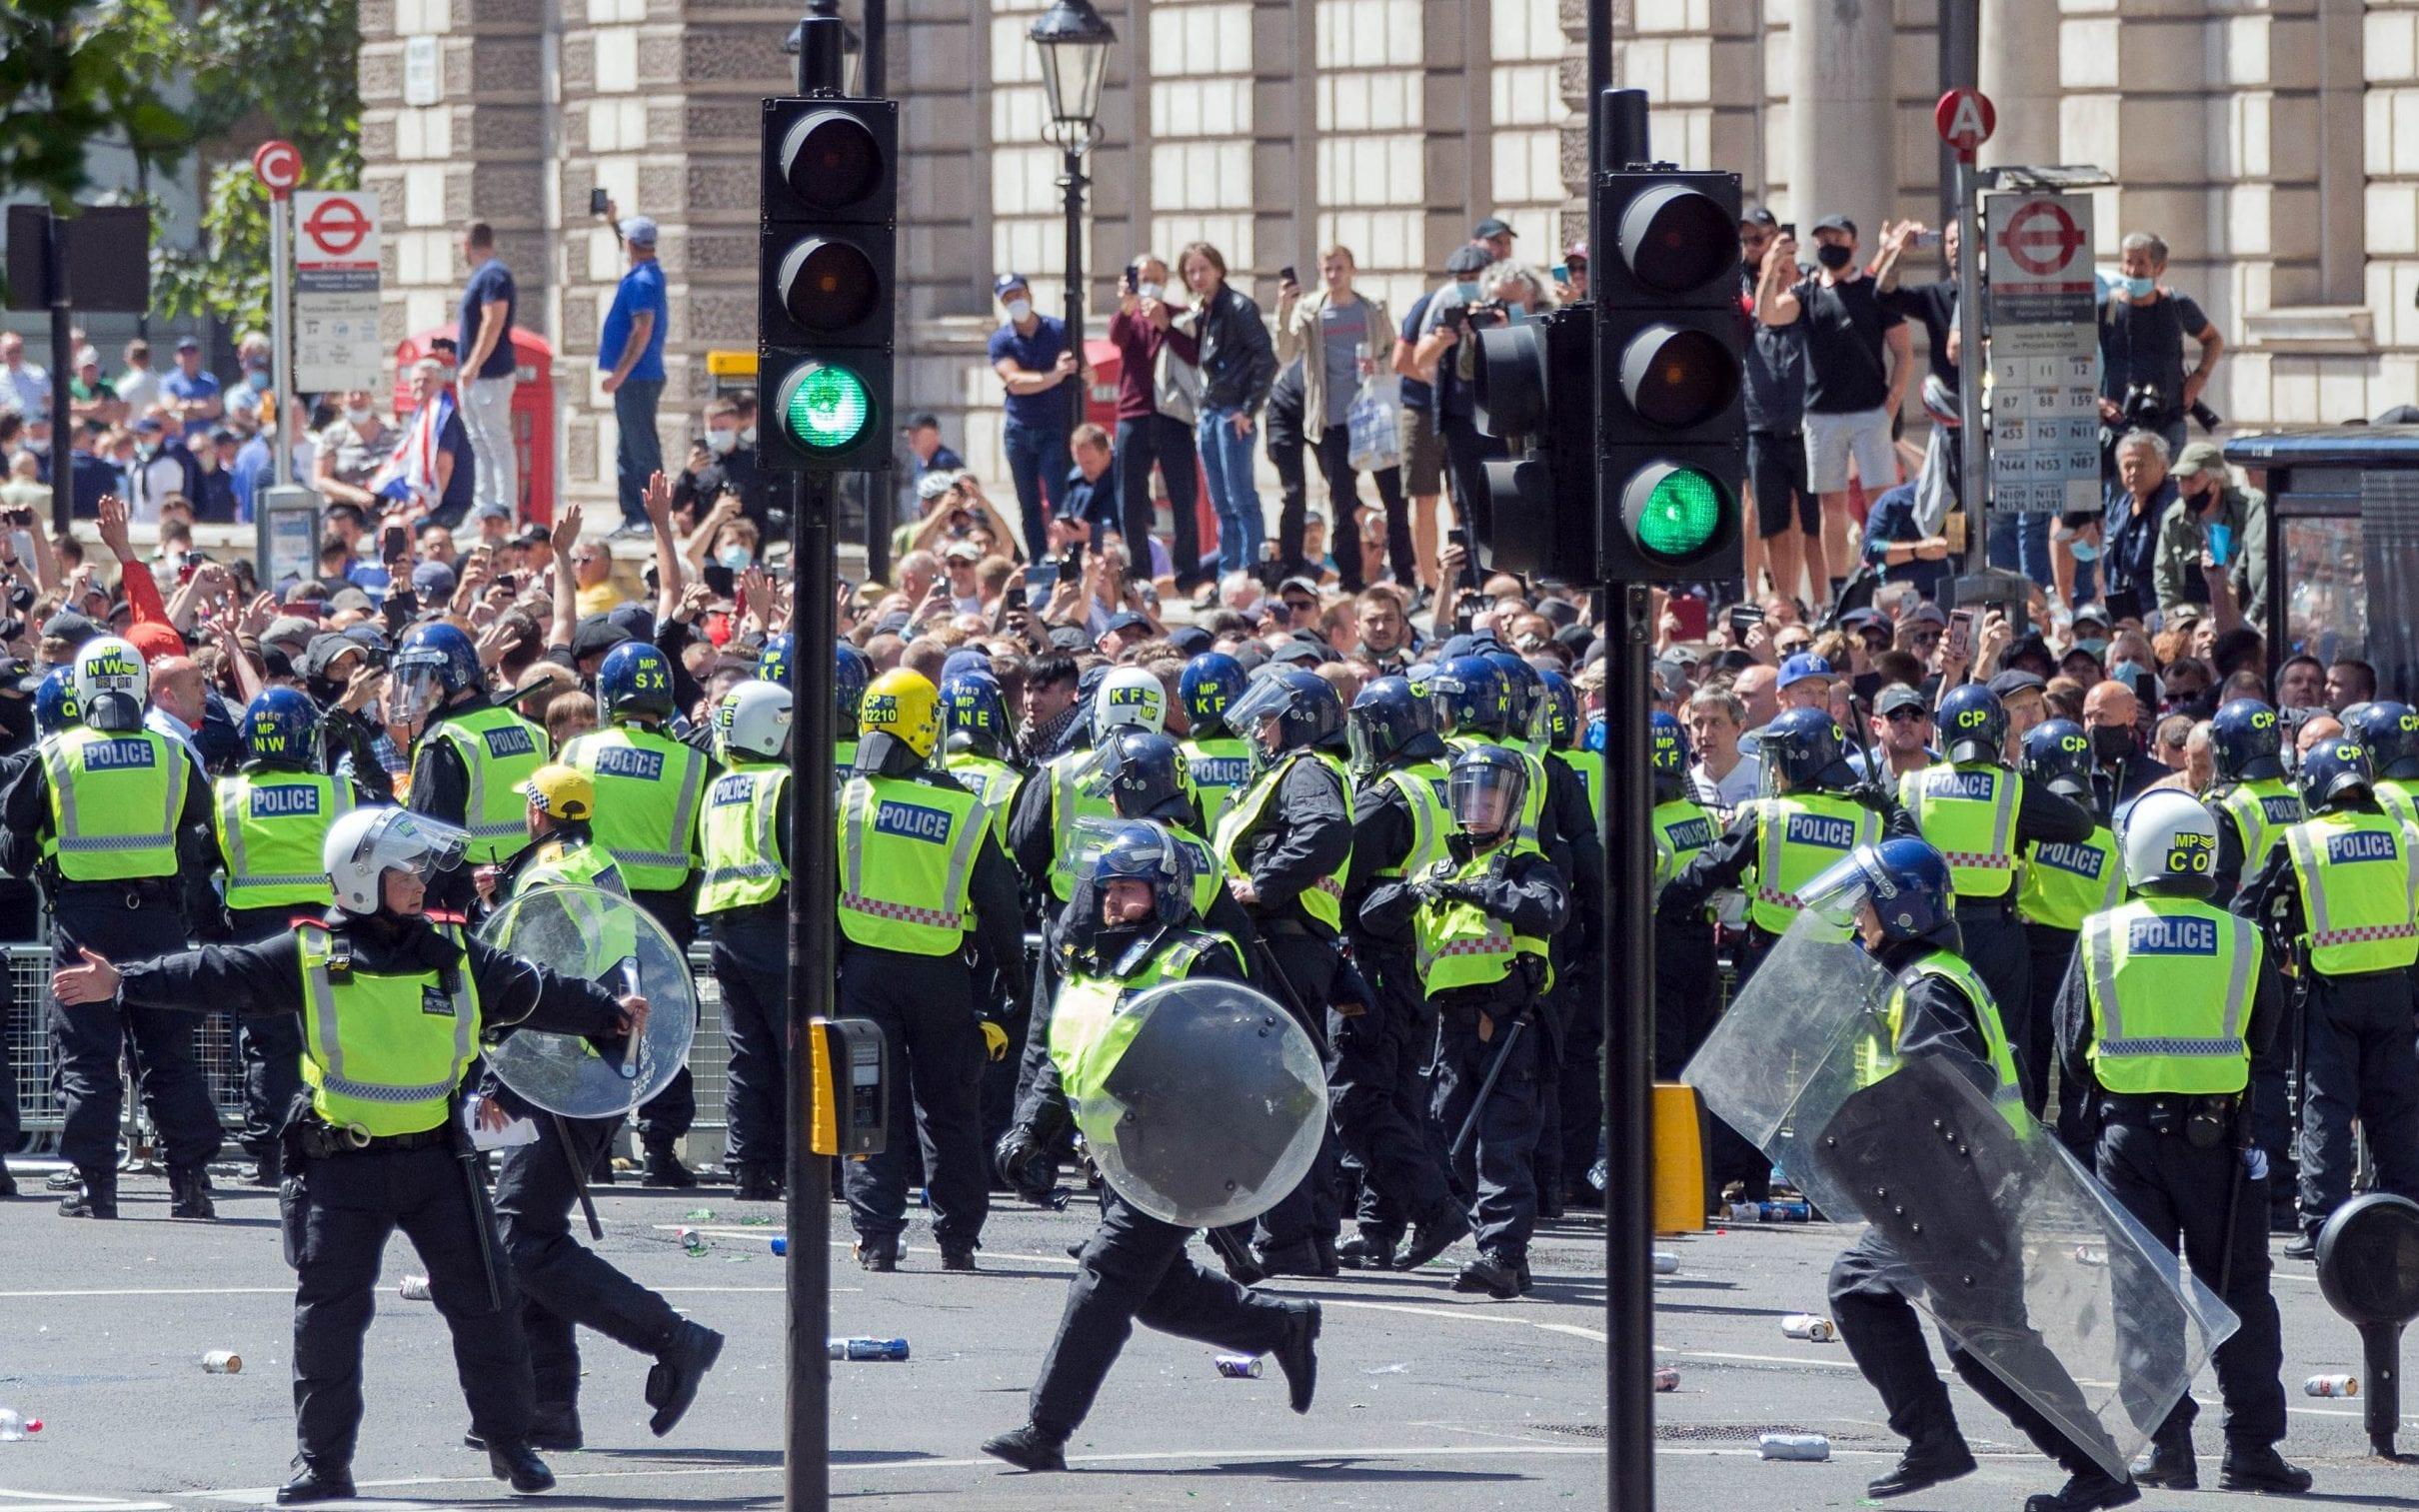 Far-right protest in London